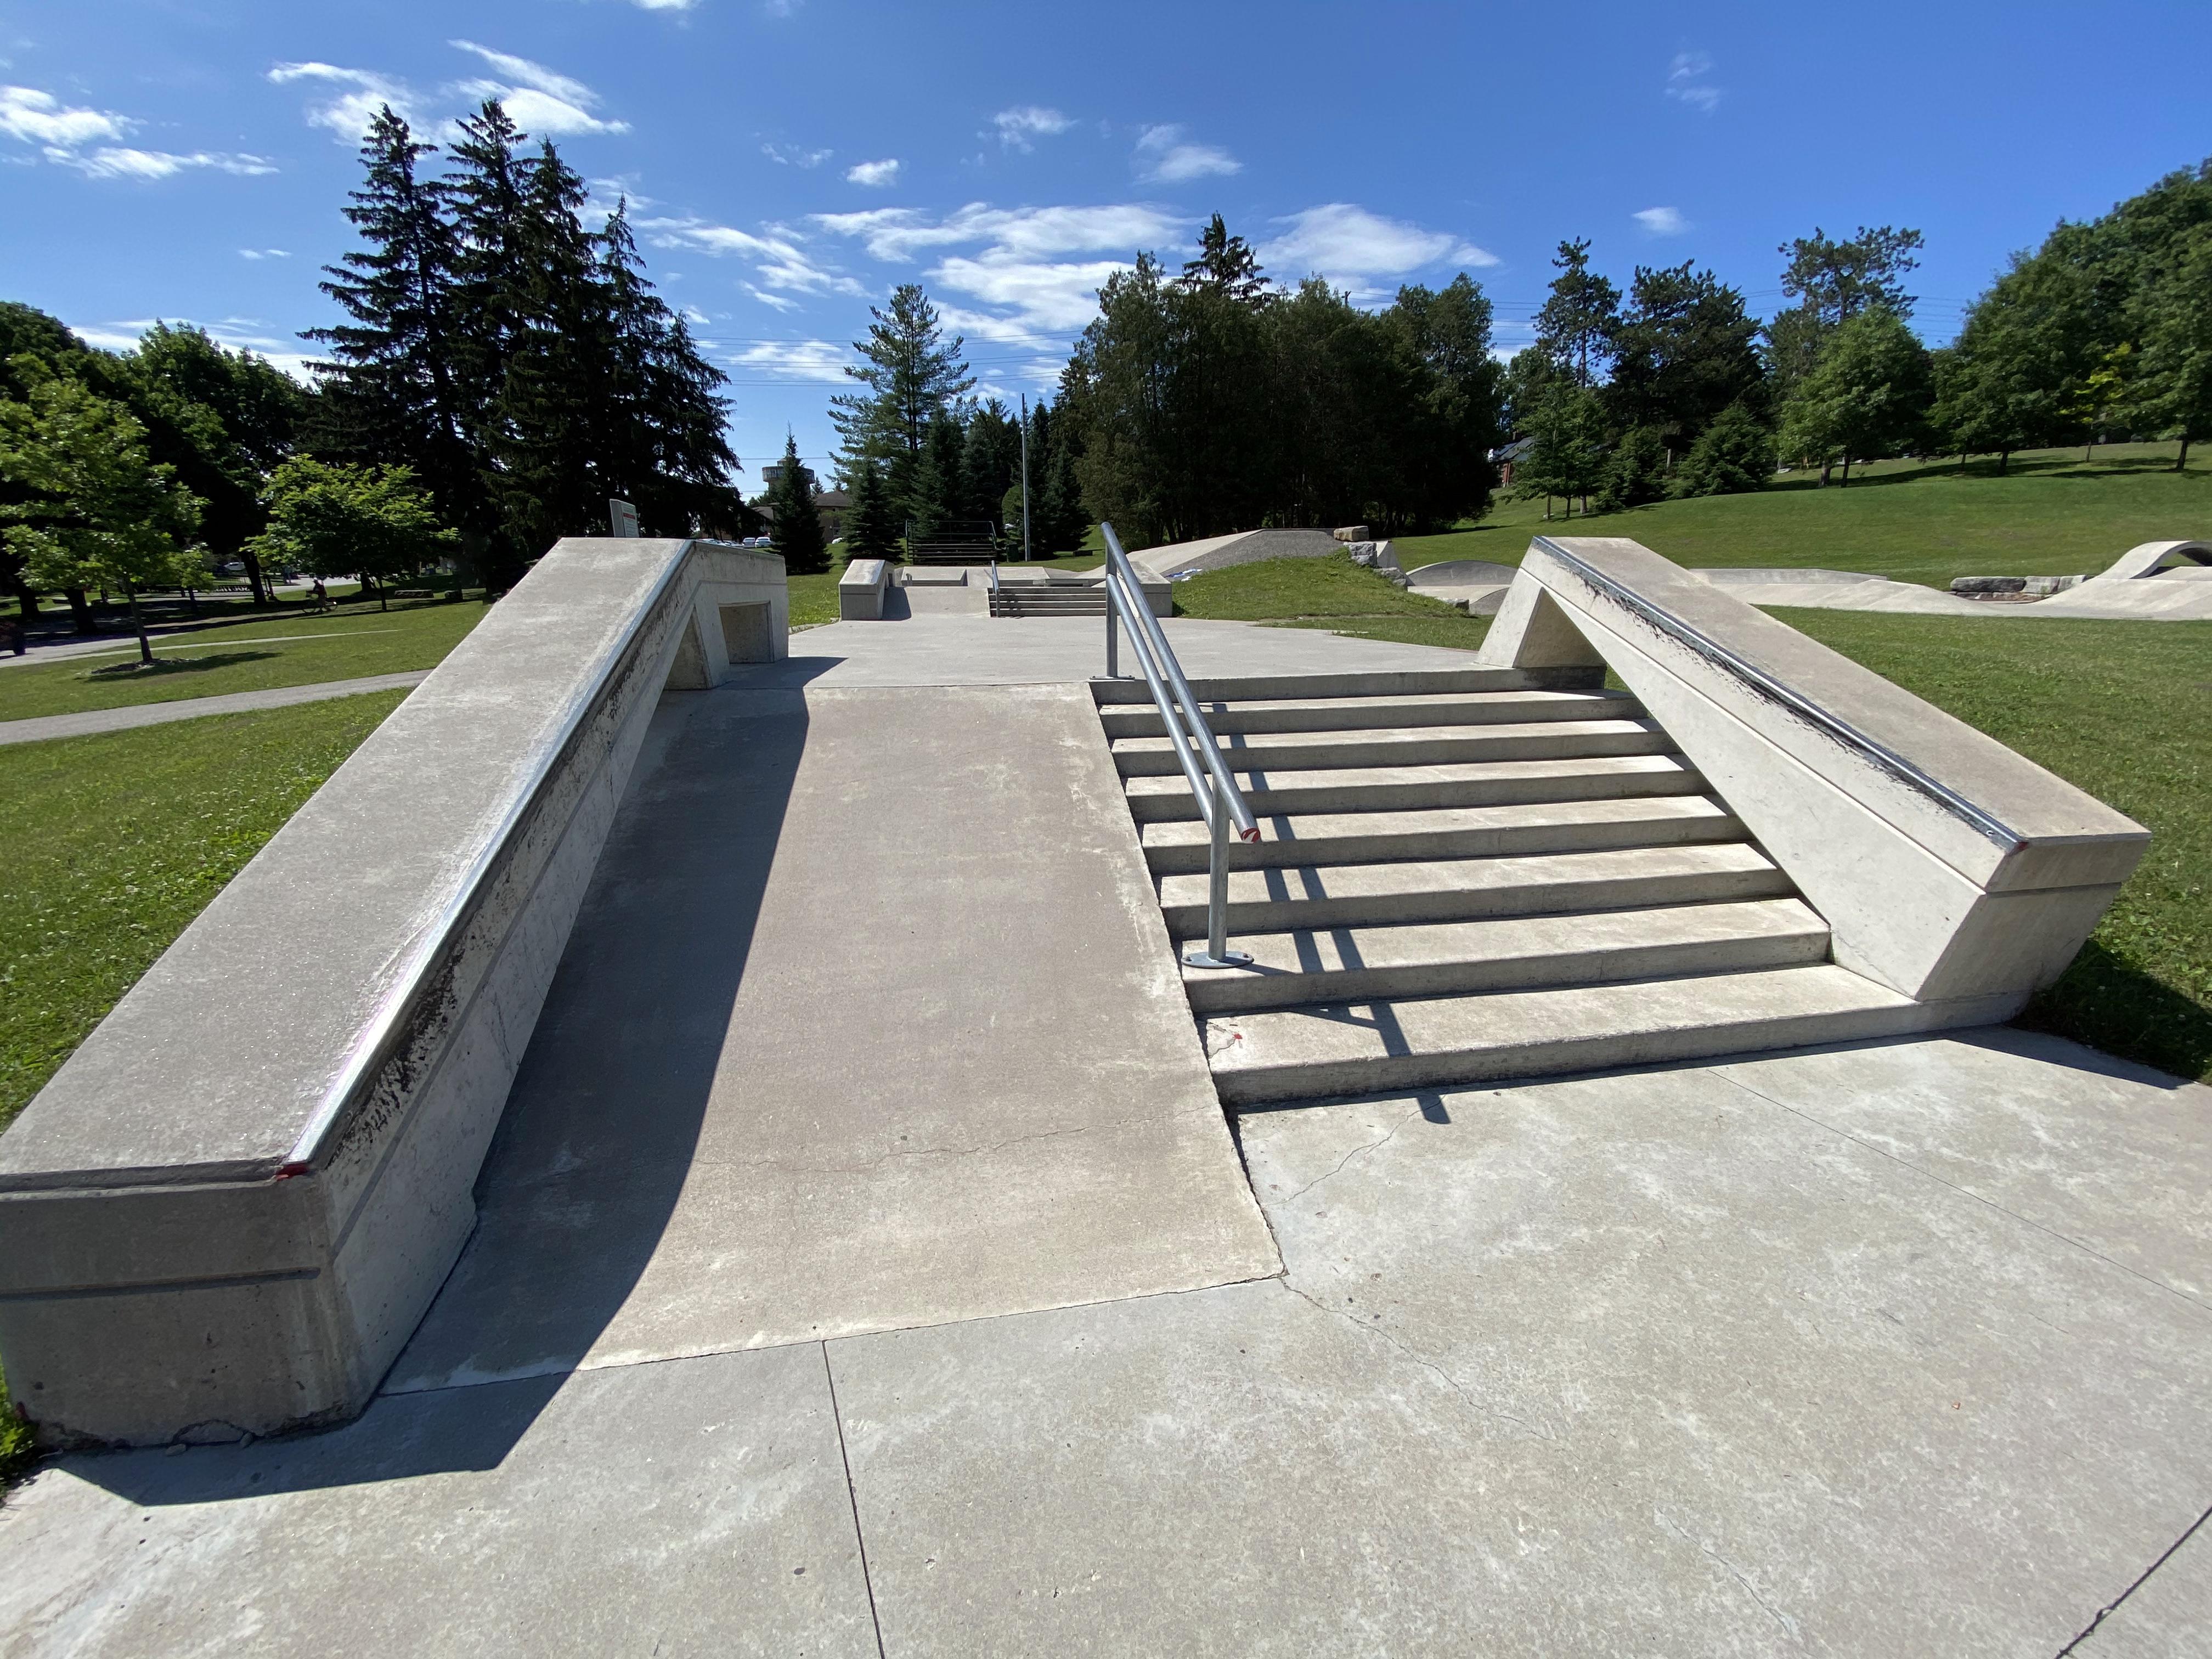 woodstock skatepark plaza section stair set